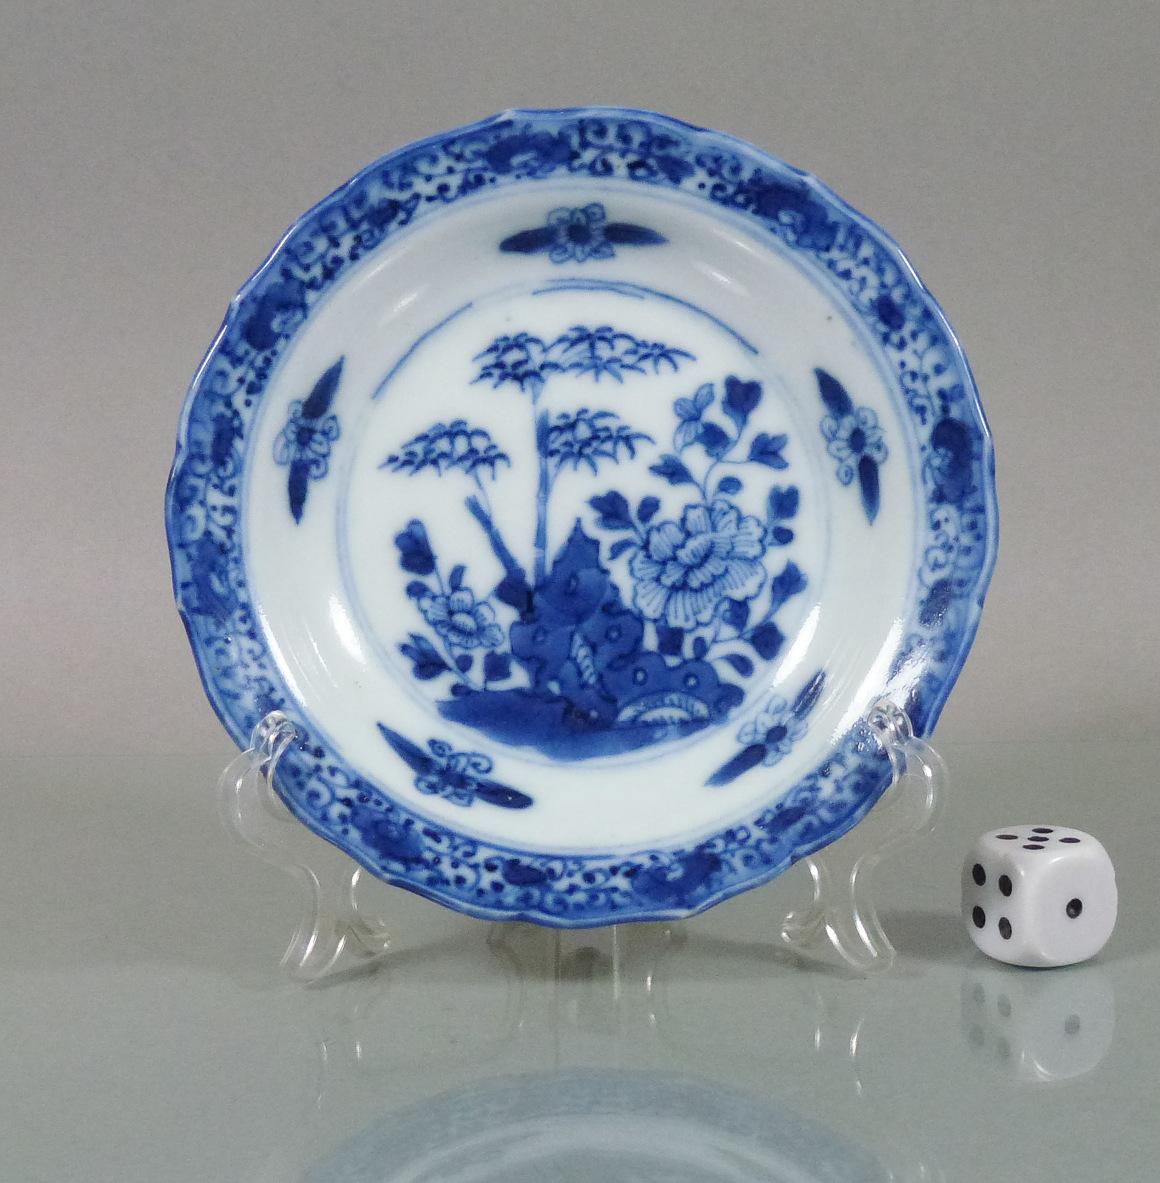 Small Chinese Kangxi Dish - Scallop Rim